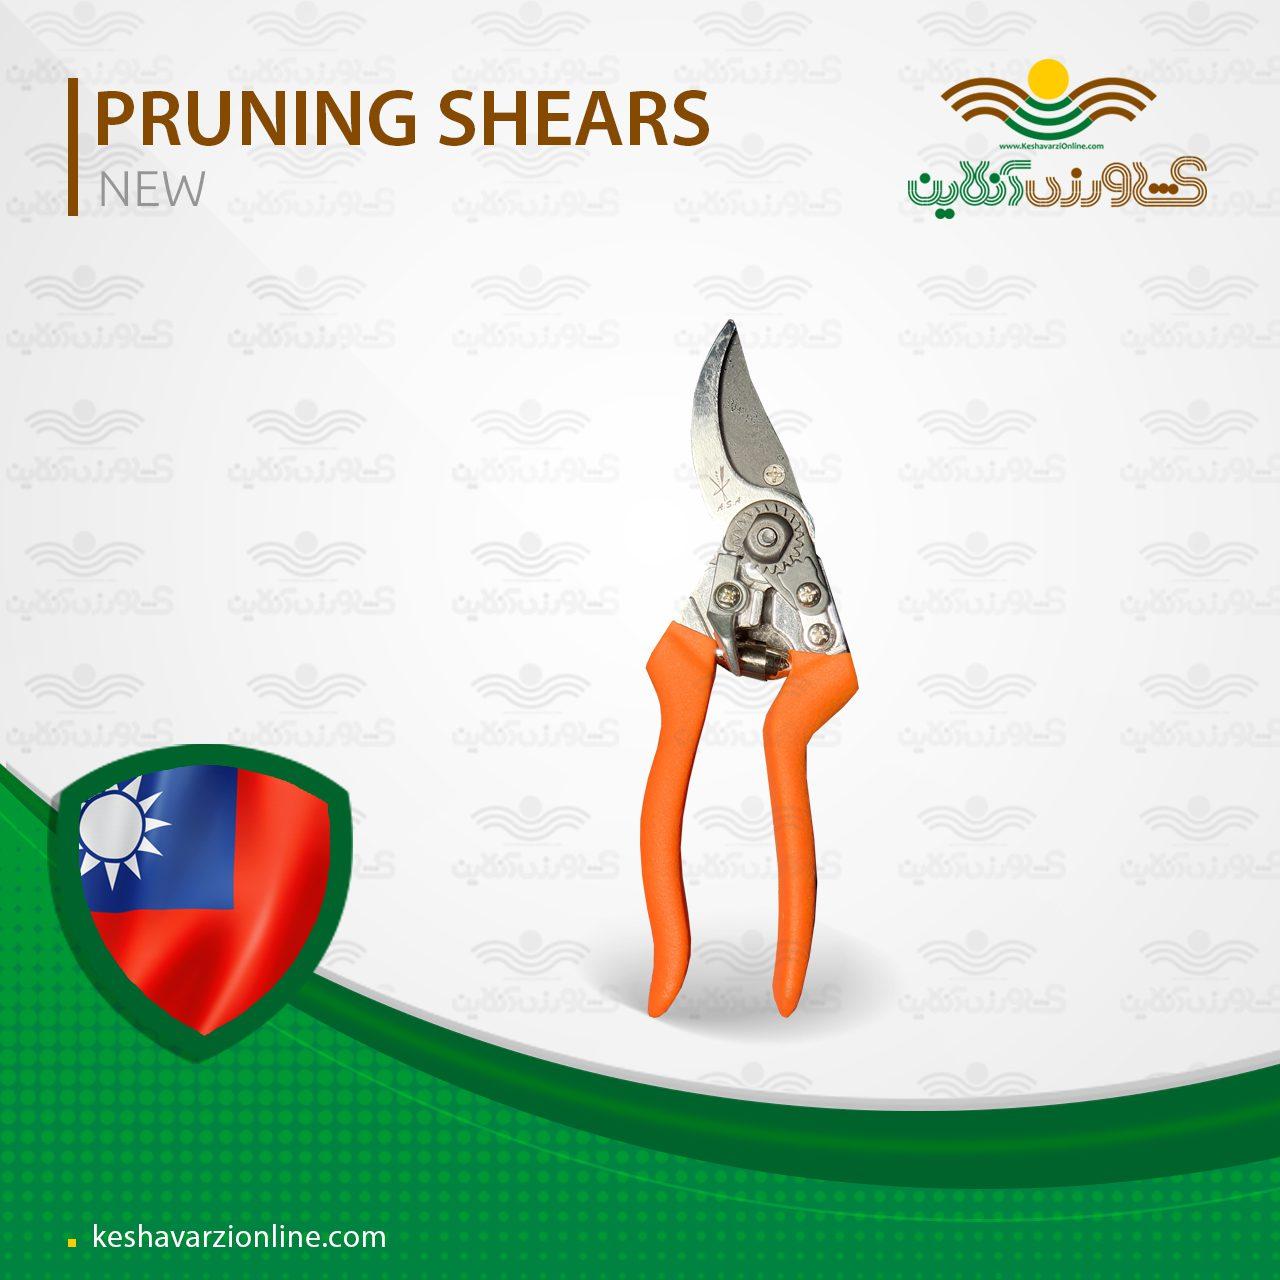 قیچی باغبانی Pruning shears